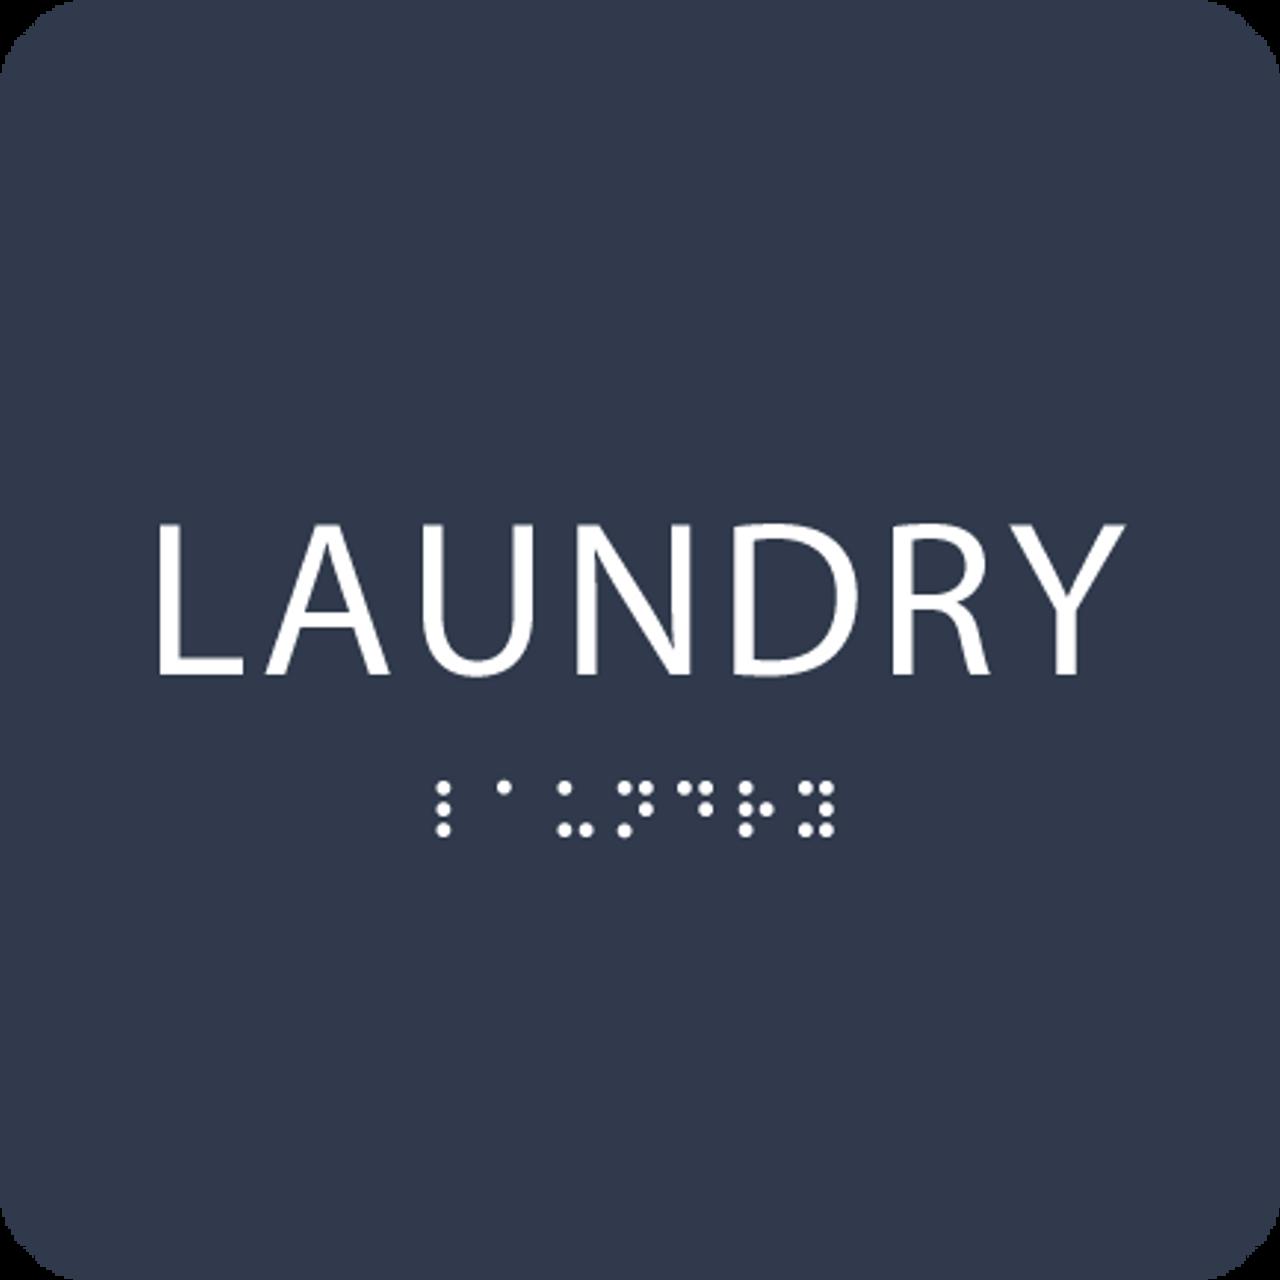 Navy Laundry ADA Sign